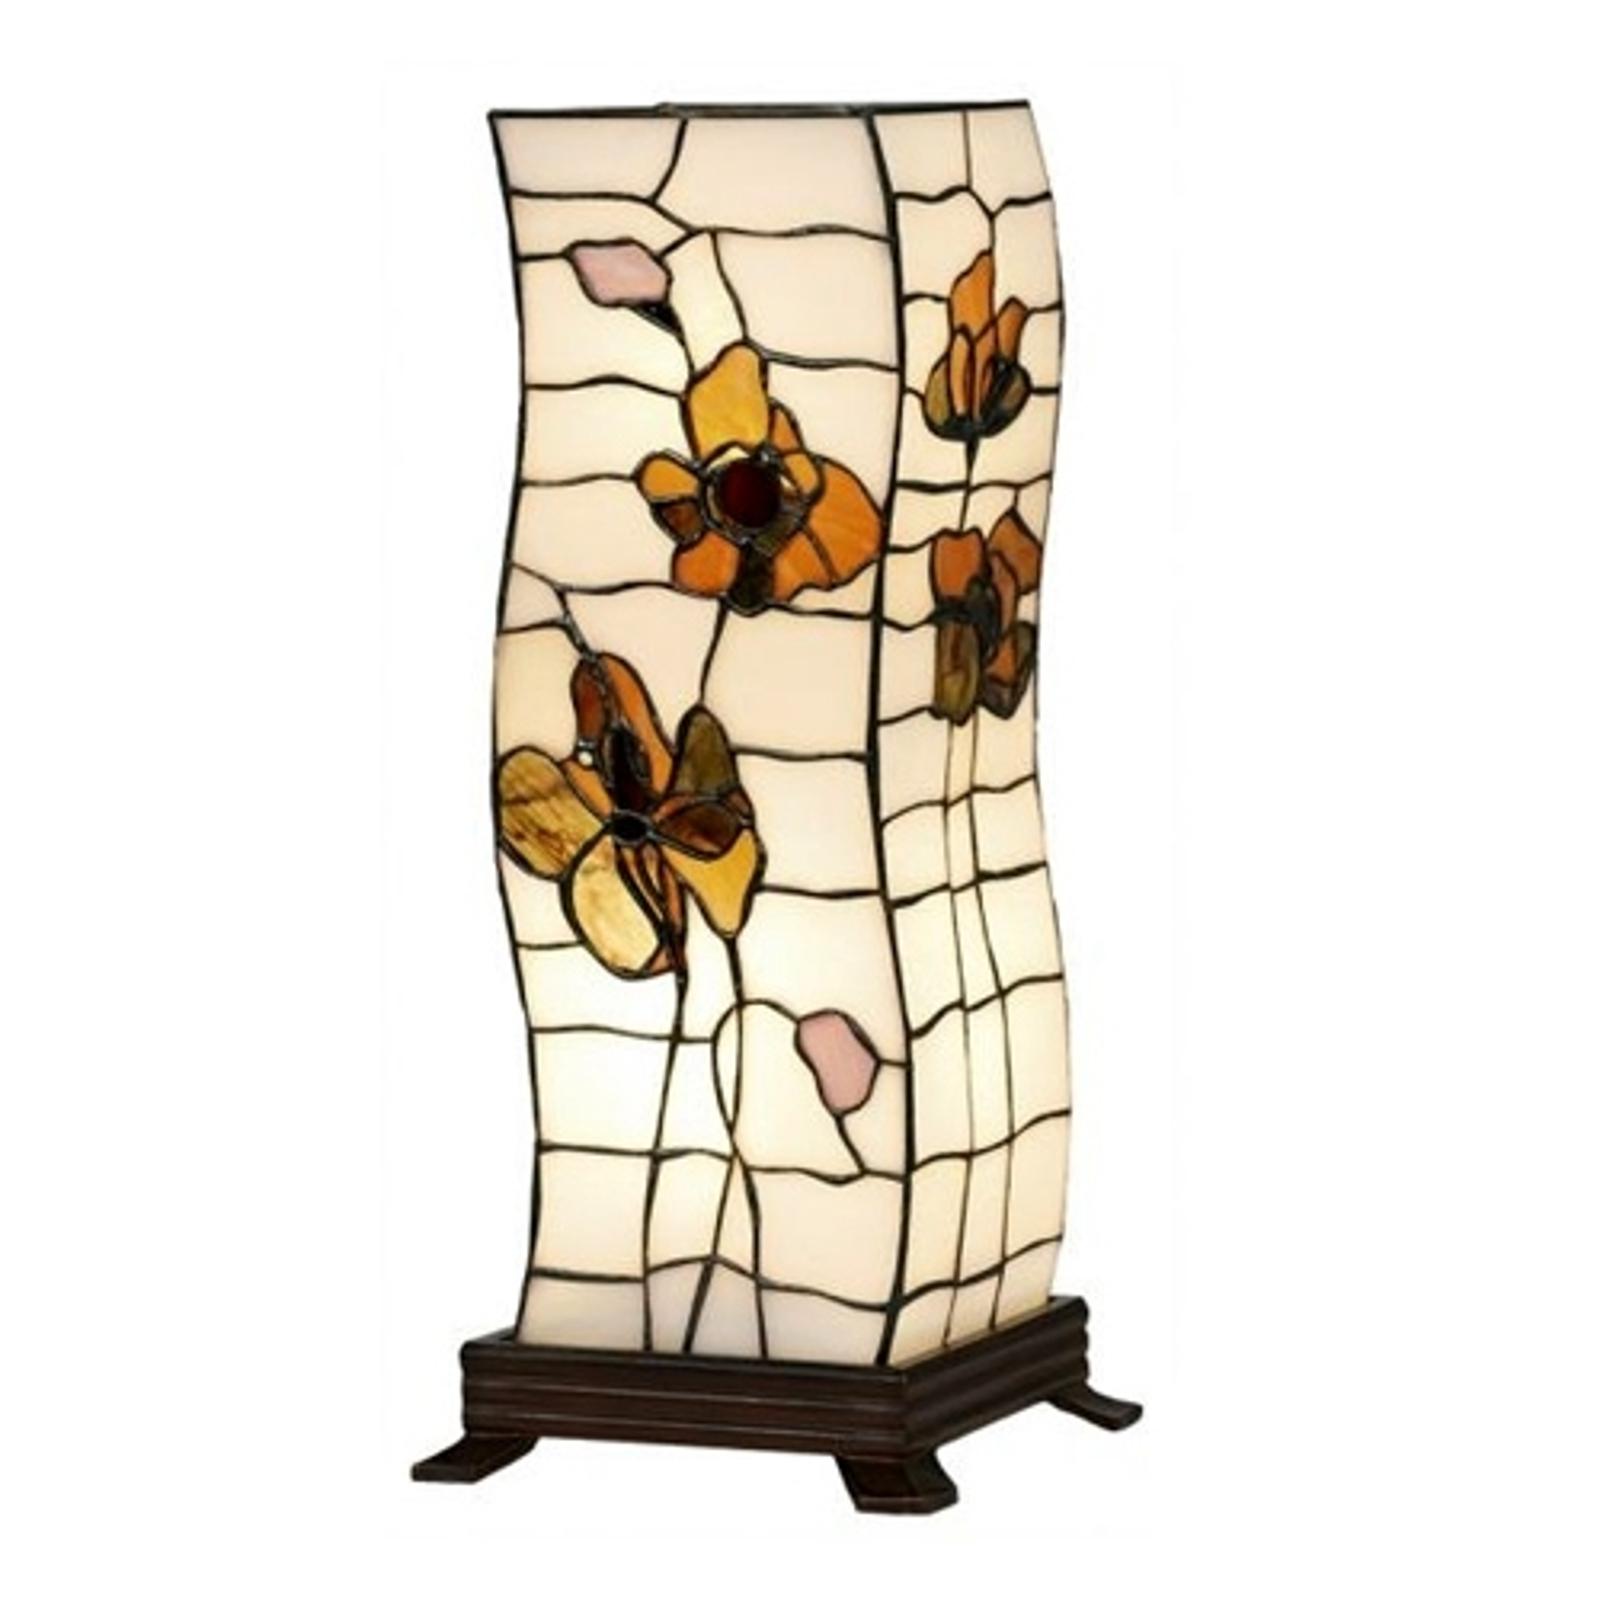 Štýl Tiffany stolná lampa Blossom_1032026_1